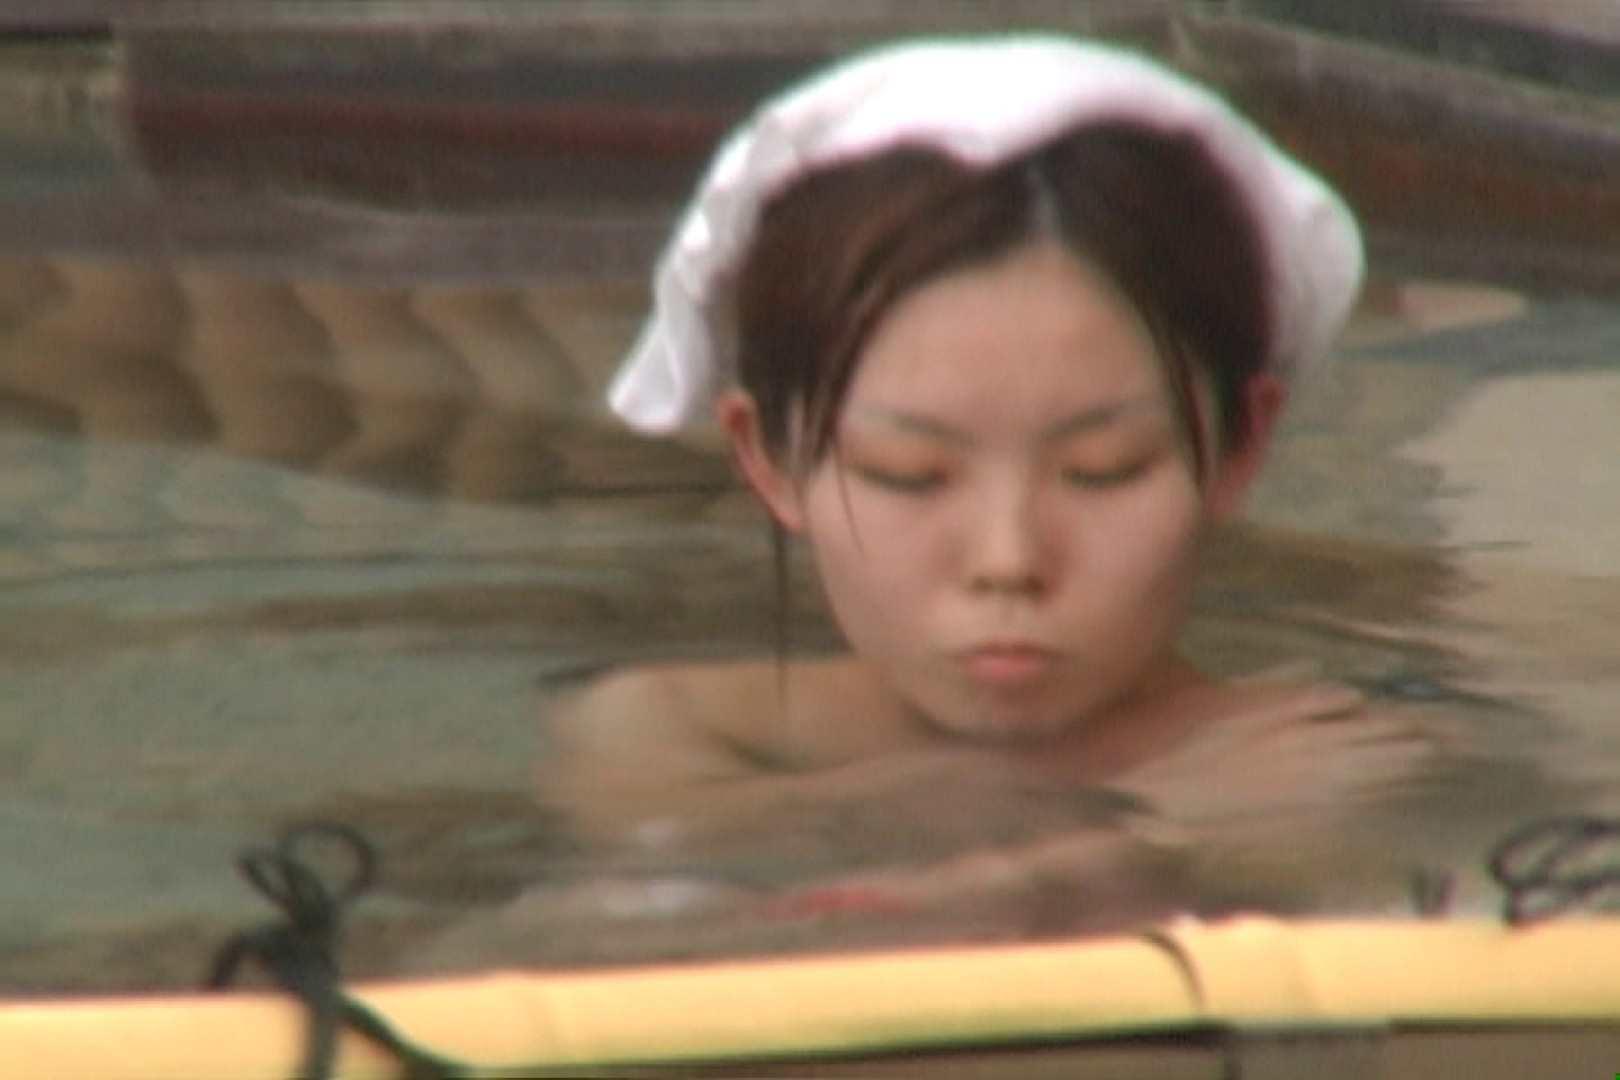 Aquaな露天風呂Vol.580 盗撮師作品 | 美しいOLの裸体  98pic 40